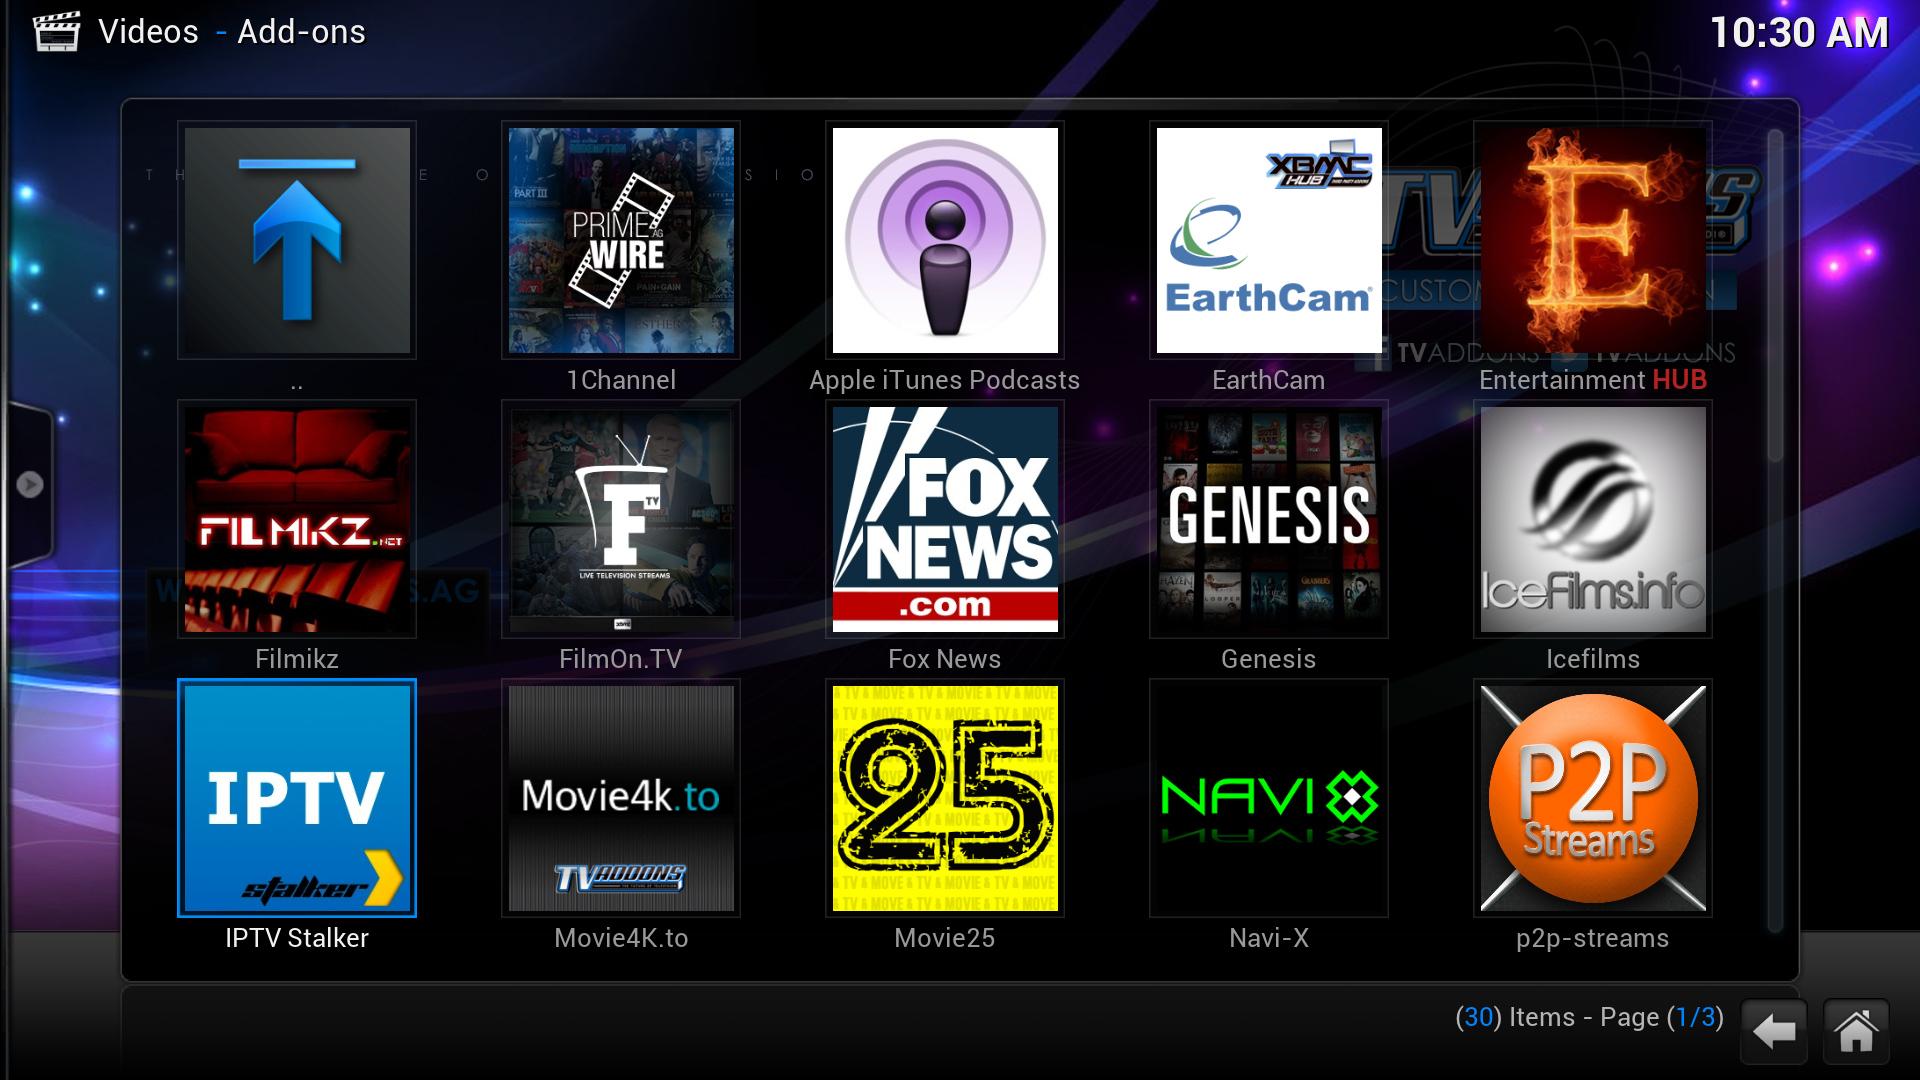 IPTV Stalker fix for Kodi